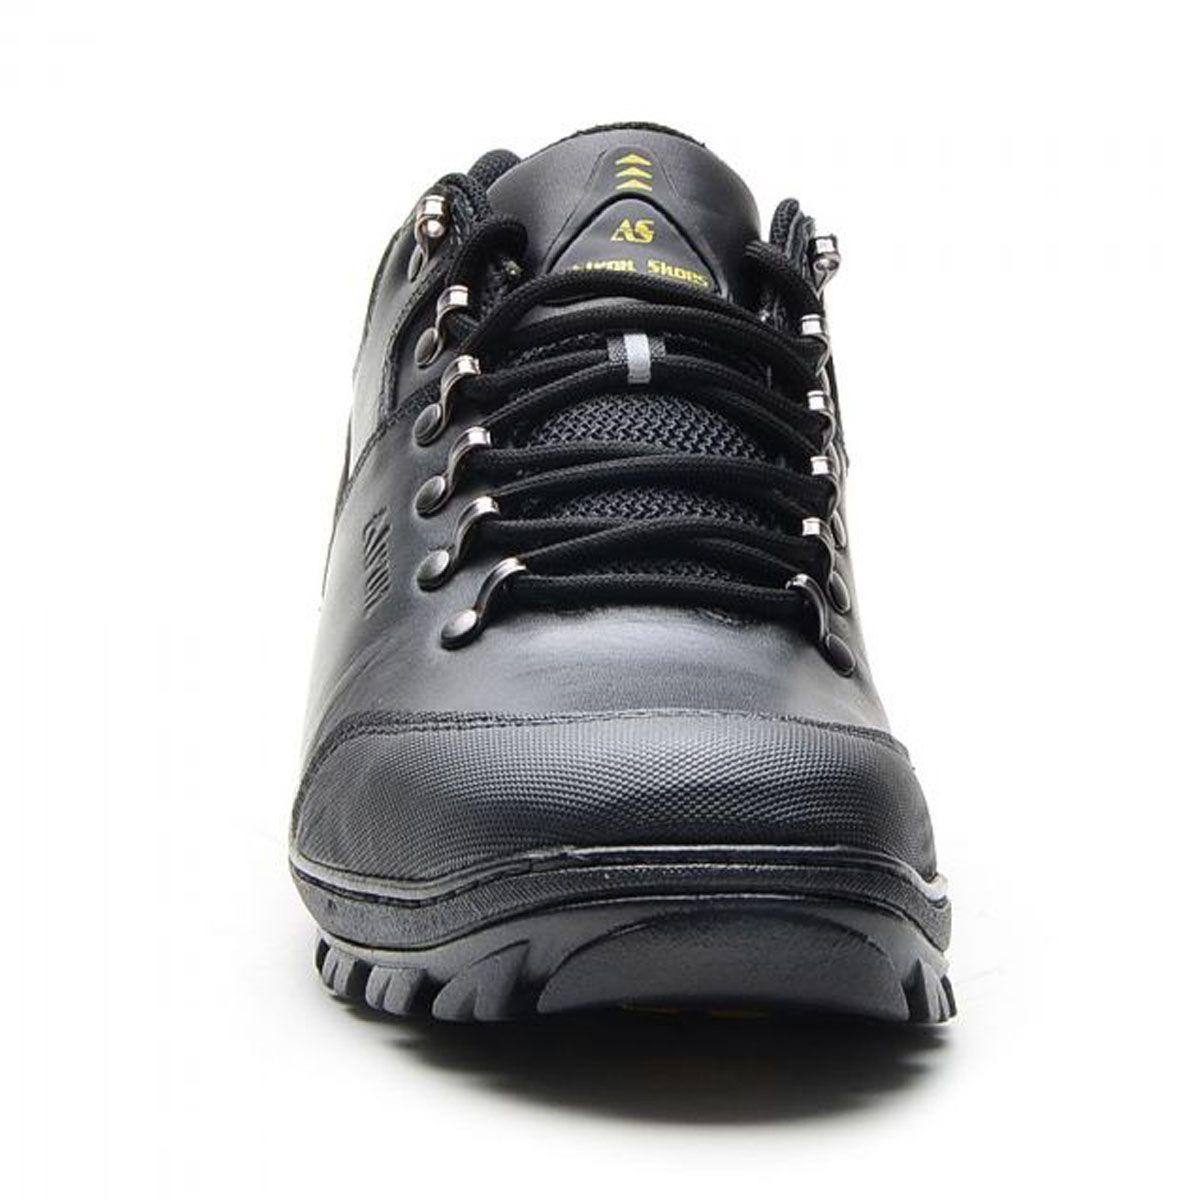 Tênis adventure em couro legítimo cor preto Atron Shoes 269